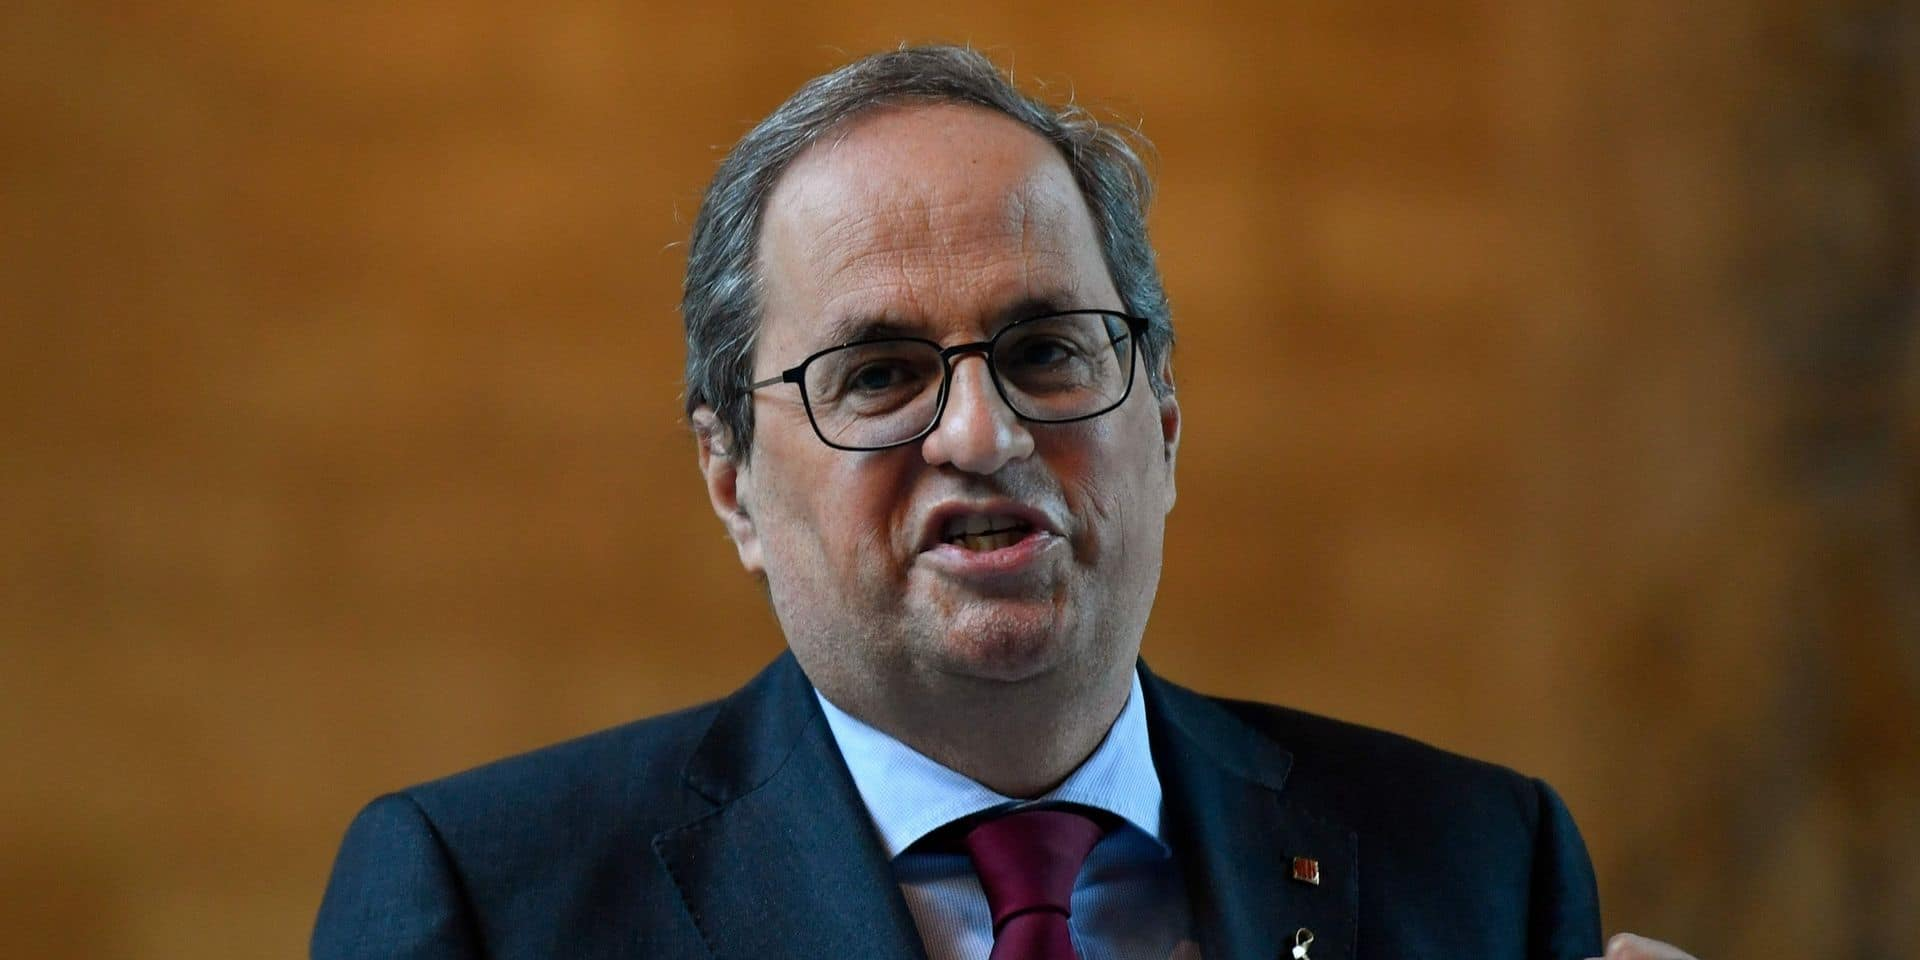 Espagne: le président catalan, Quim Torra, demande l'annulation de sa destitution